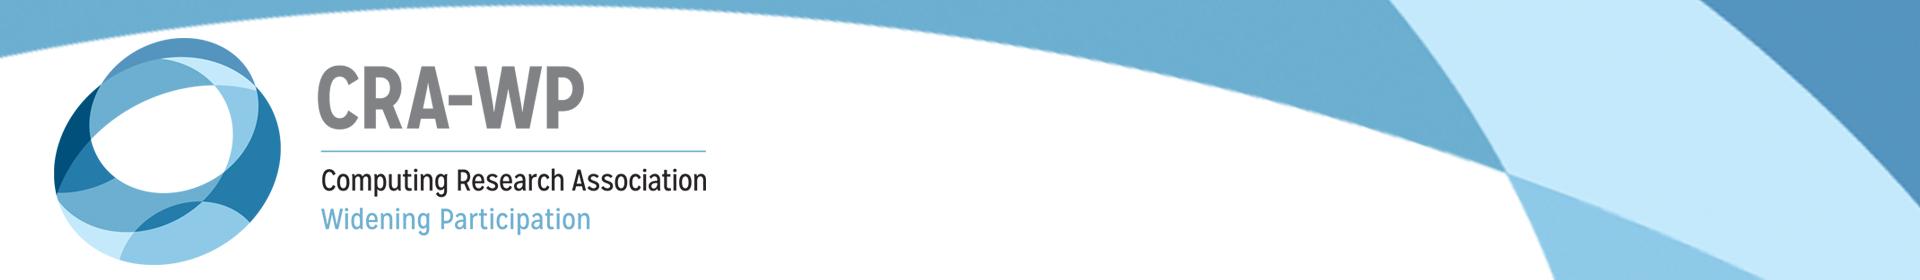 DREU Event Banner